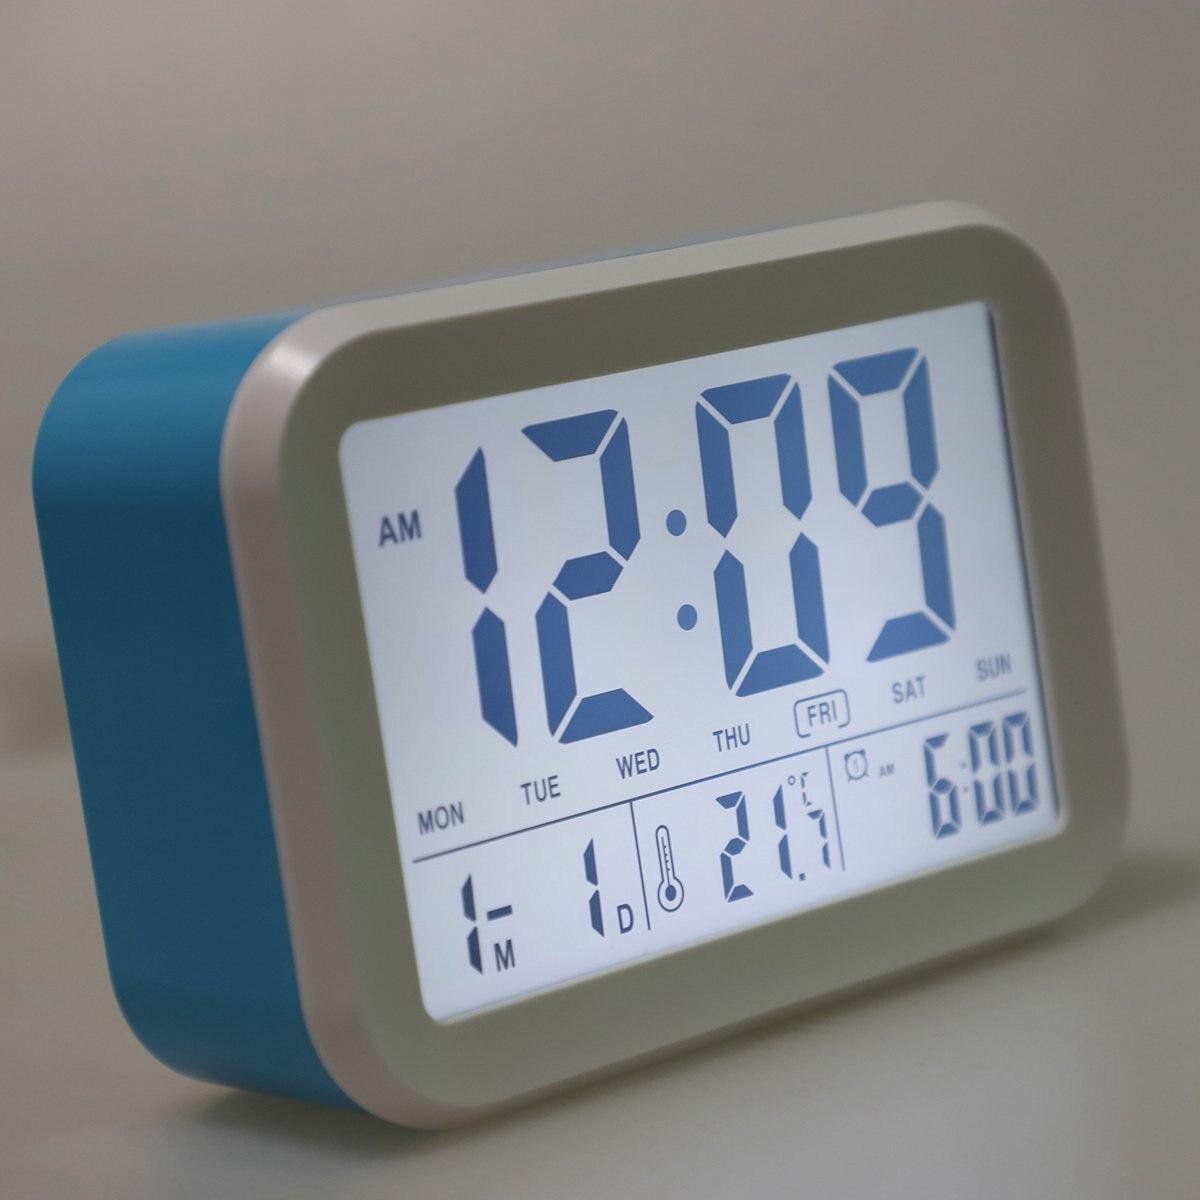 Жк-дисплей проекционные часы электронные стол тумбочка часы говорящий проектор часы цифровой будильник со временем проекции mm4 ,39 - ,67 руб.